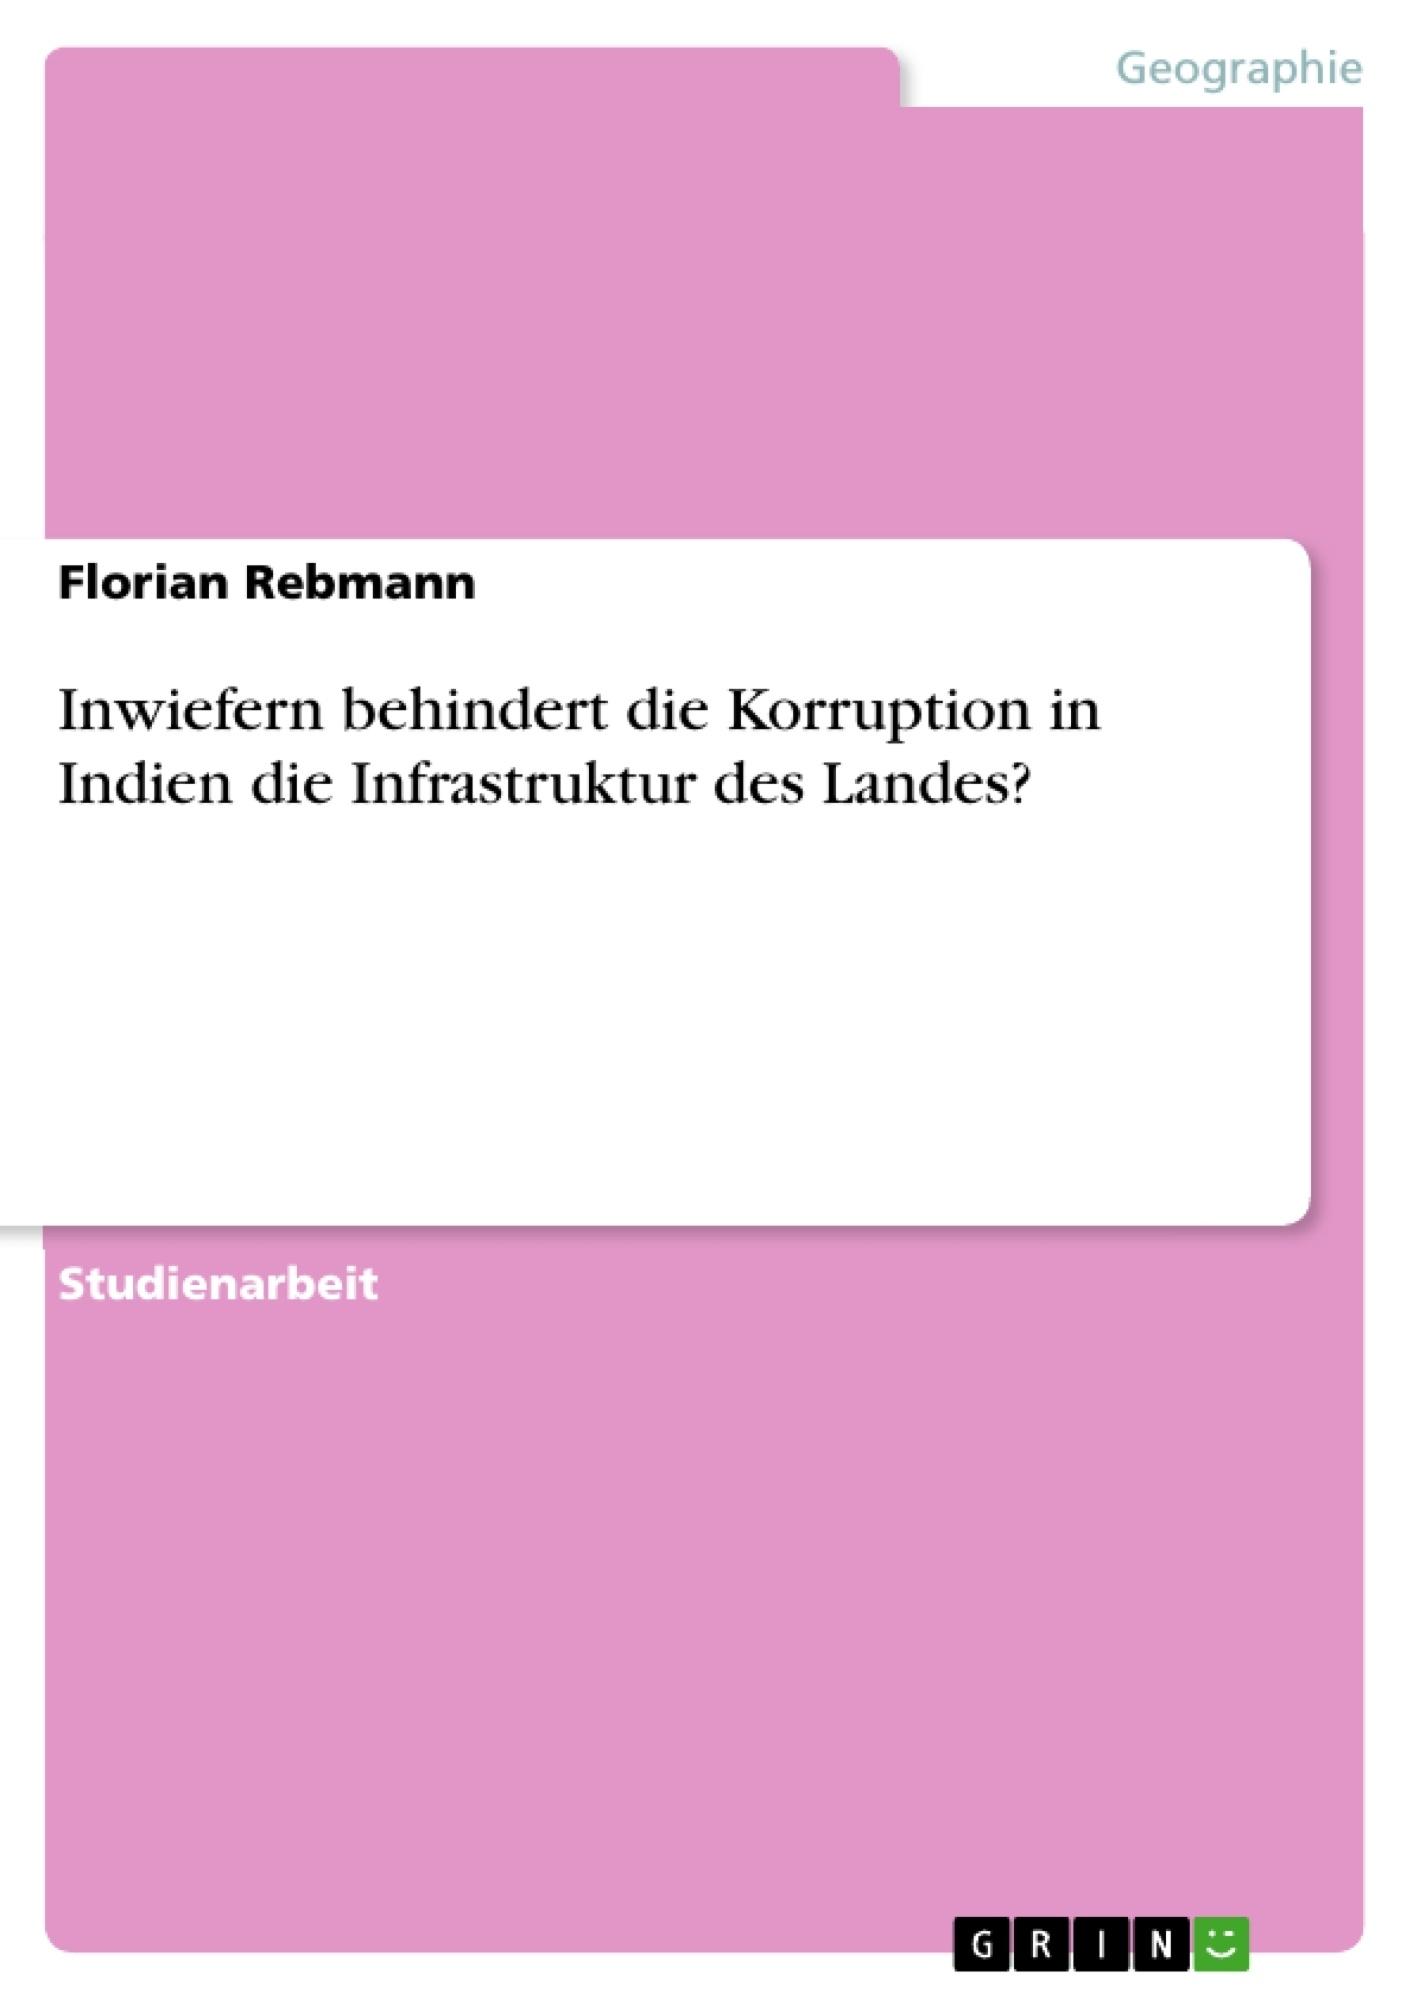 Titel: Inwiefern behindert die Korruption in Indien die Infrastruktur des Landes?